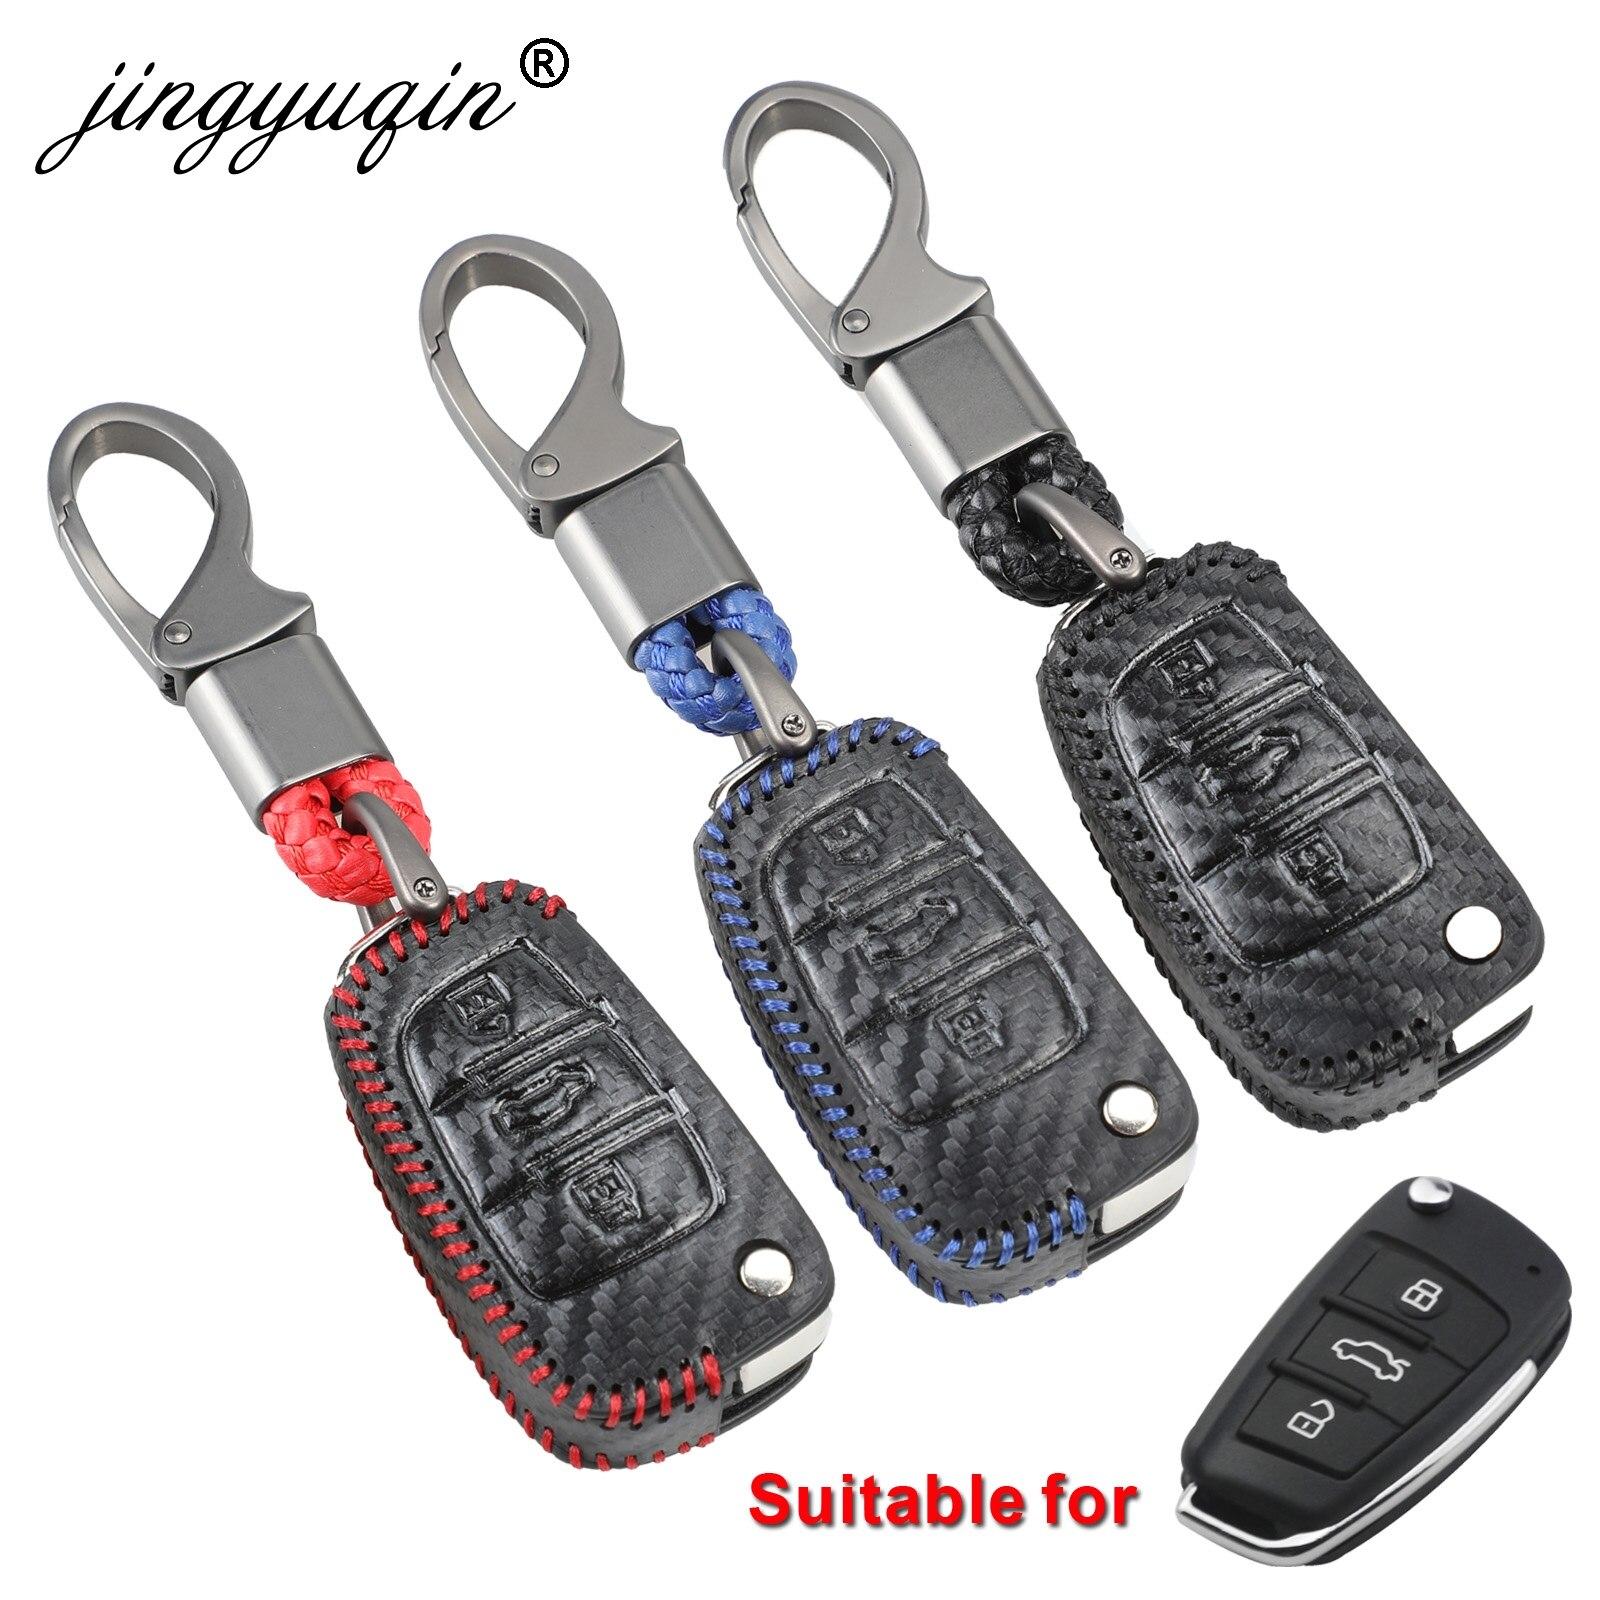 Jingyuqin estilo do carro de carbono couro macio auto chave proteção caso capa para audi c6 a7 a8 r8 a1 a3 a4 a5 q7 a6 c5 titular escudo